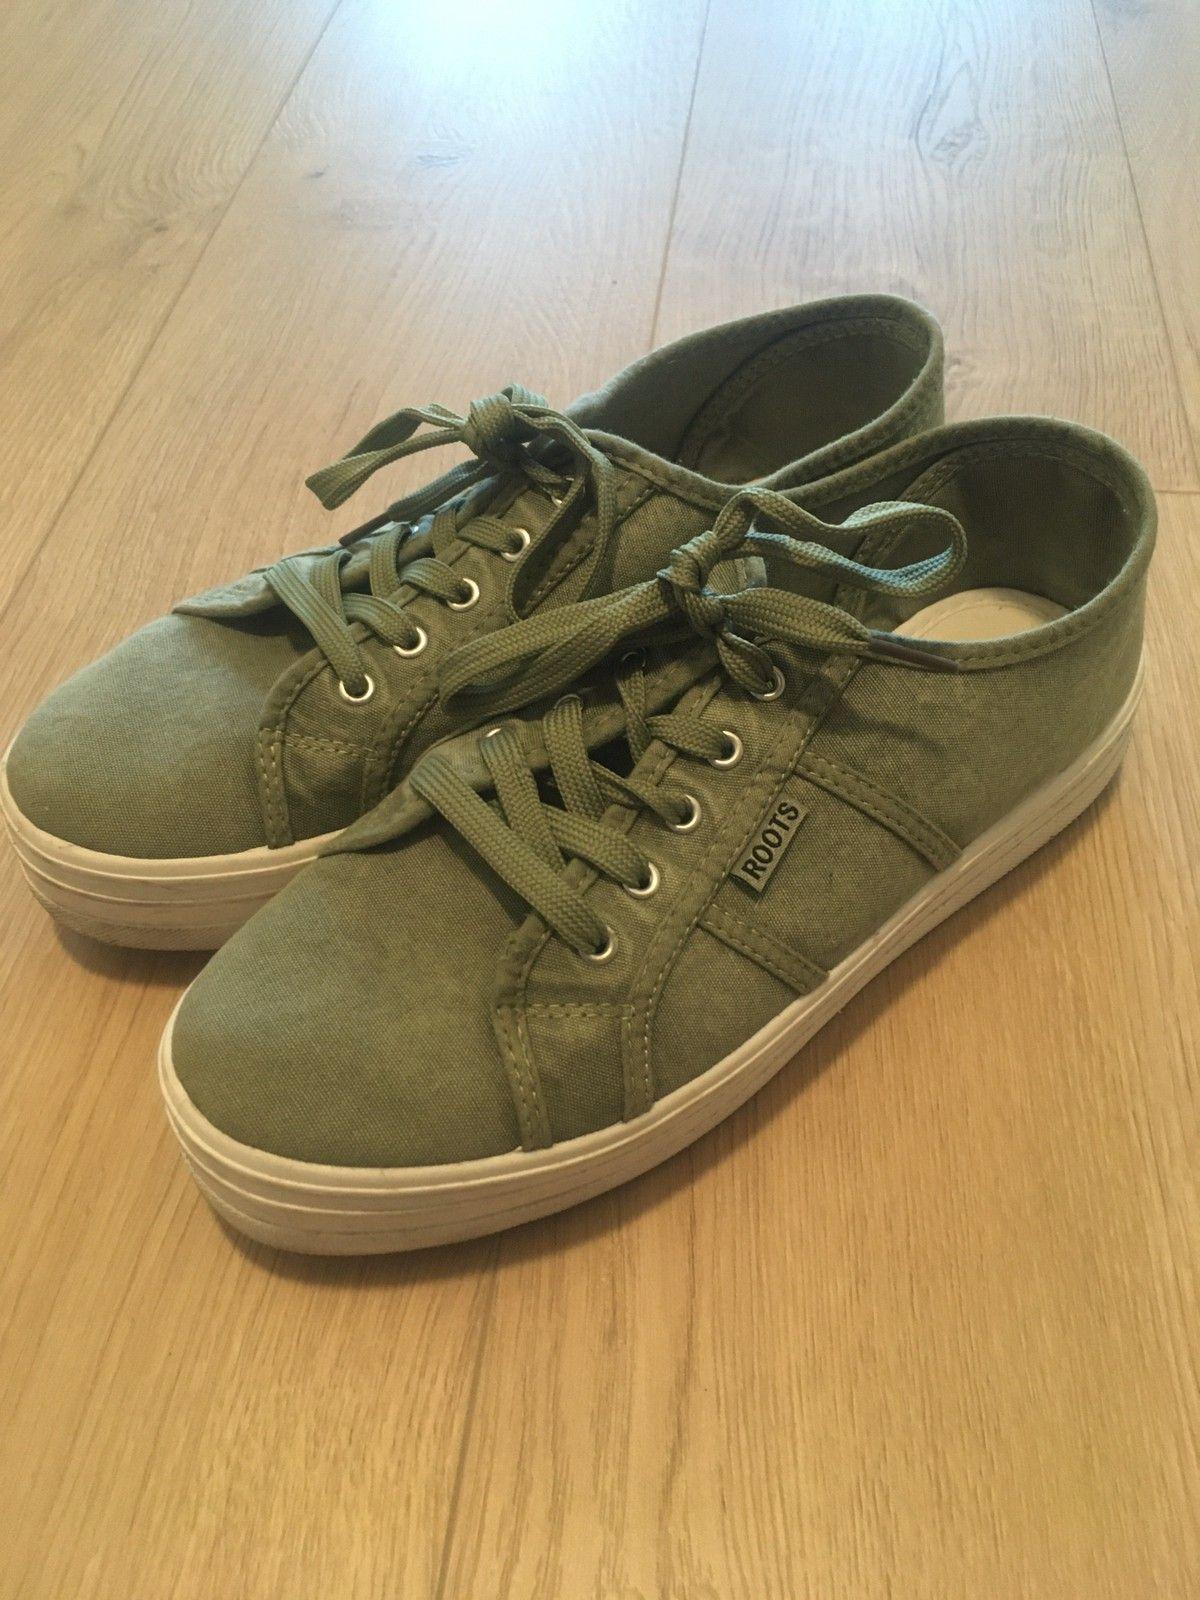 Roots sko dame | FINN.no